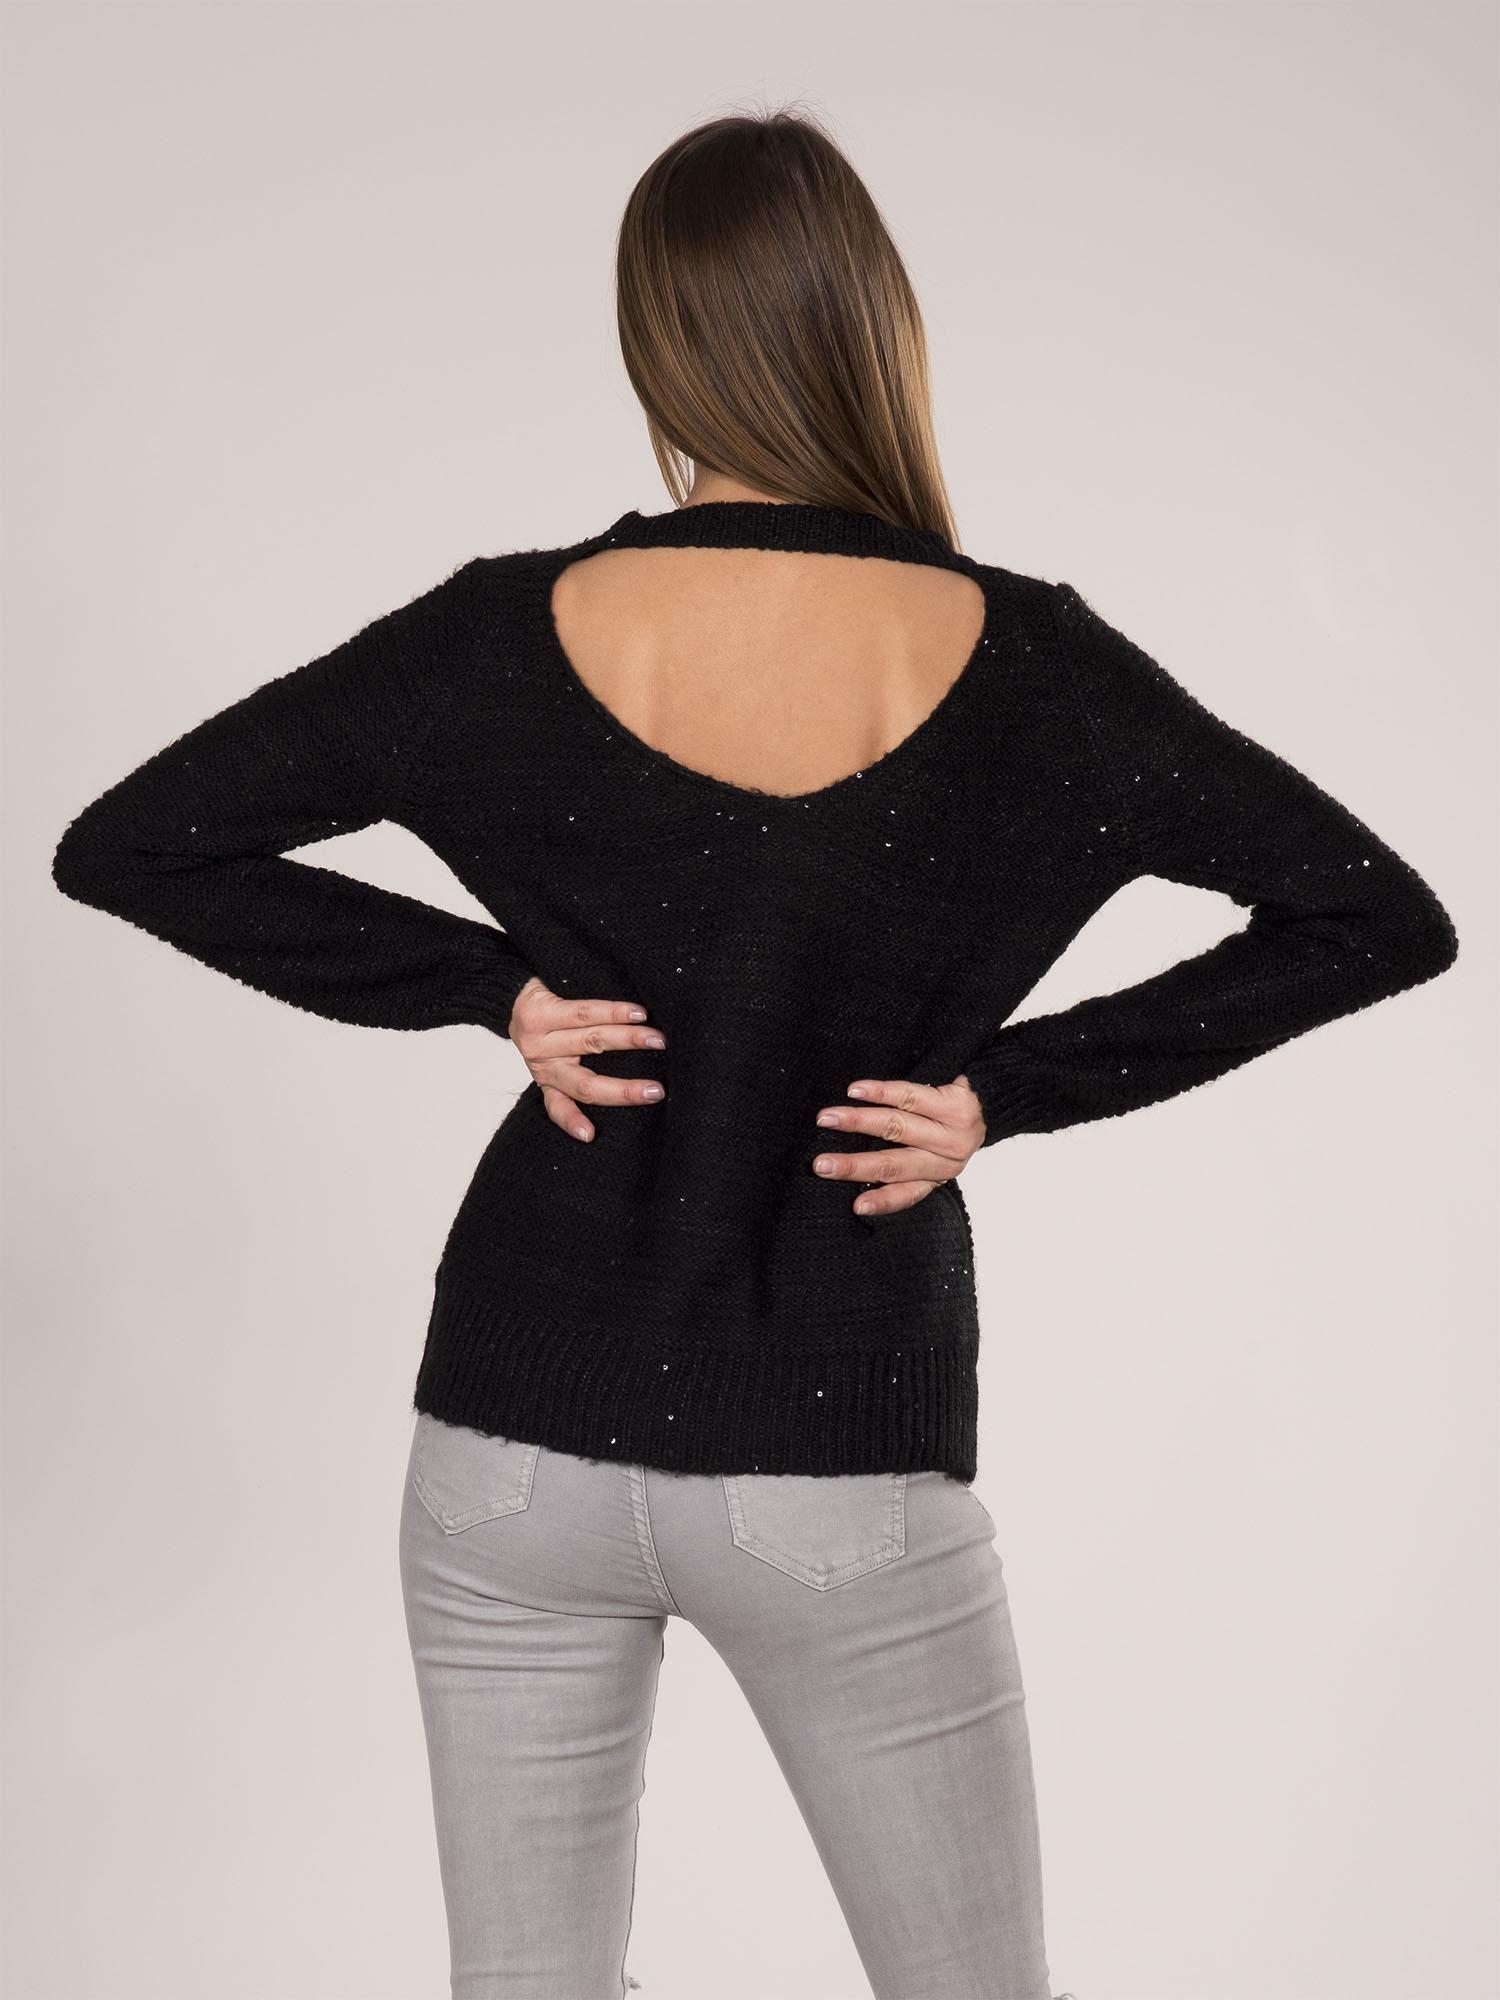 Masywnie Czarny sweter z cekinami - Sweter klasyczny - sklep eButik.pl FX25